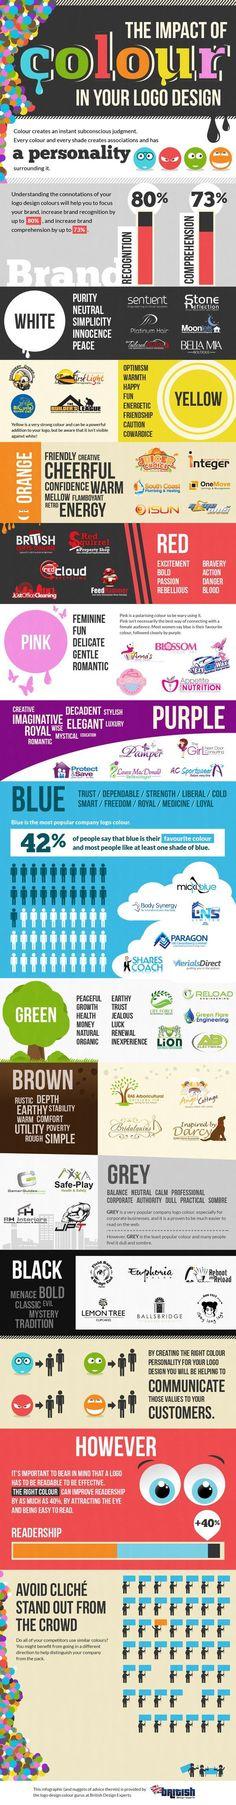 El impacto del color en el diseño de logos #infografia #infographic #design